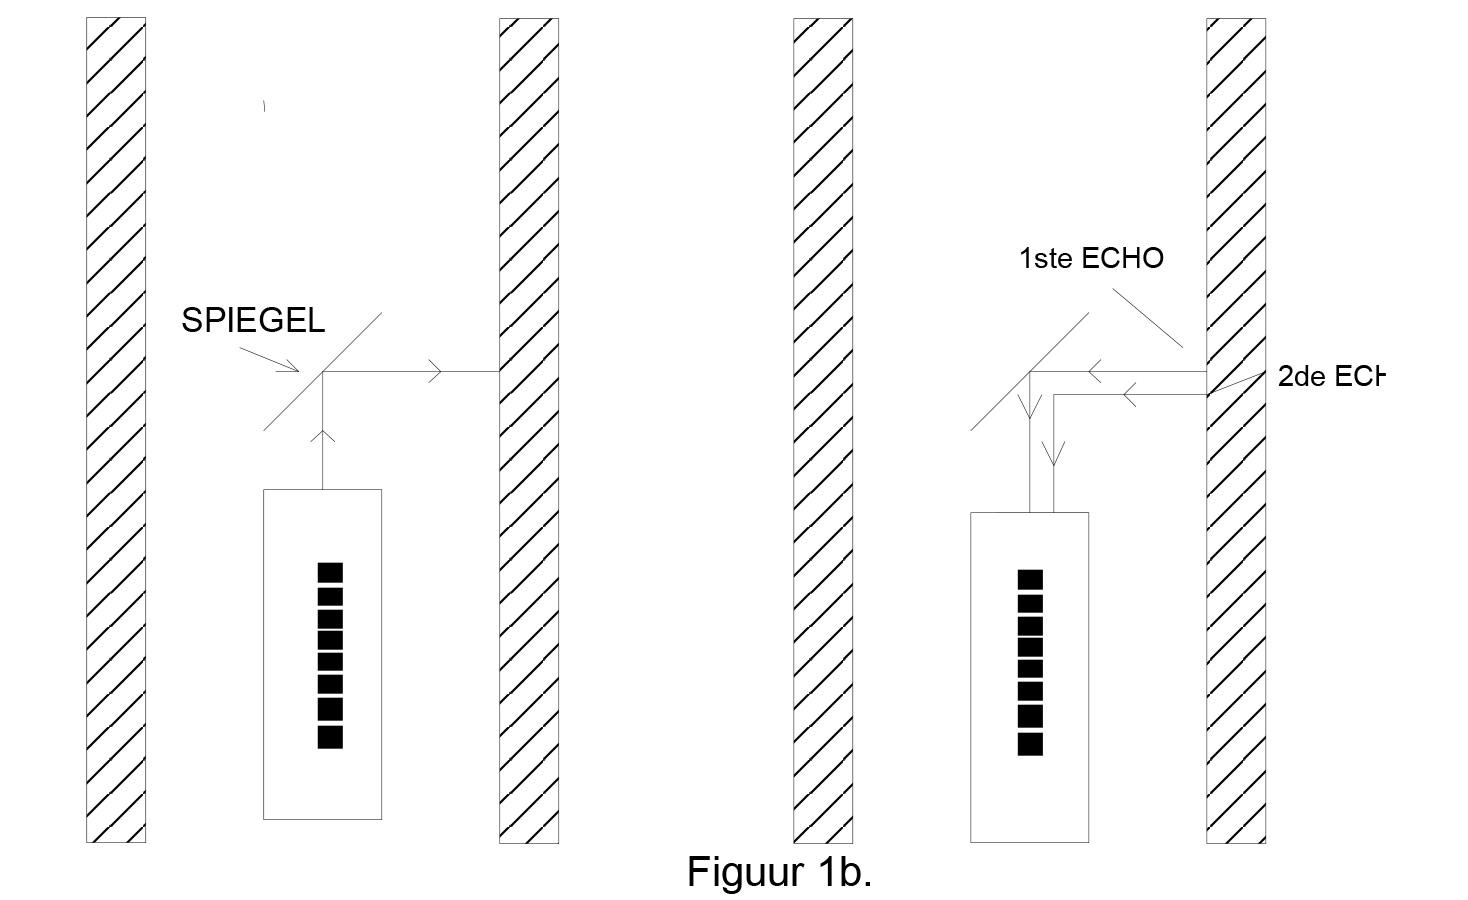 IVT - Werkingsprincipe van het IRIS systeem - fig1b